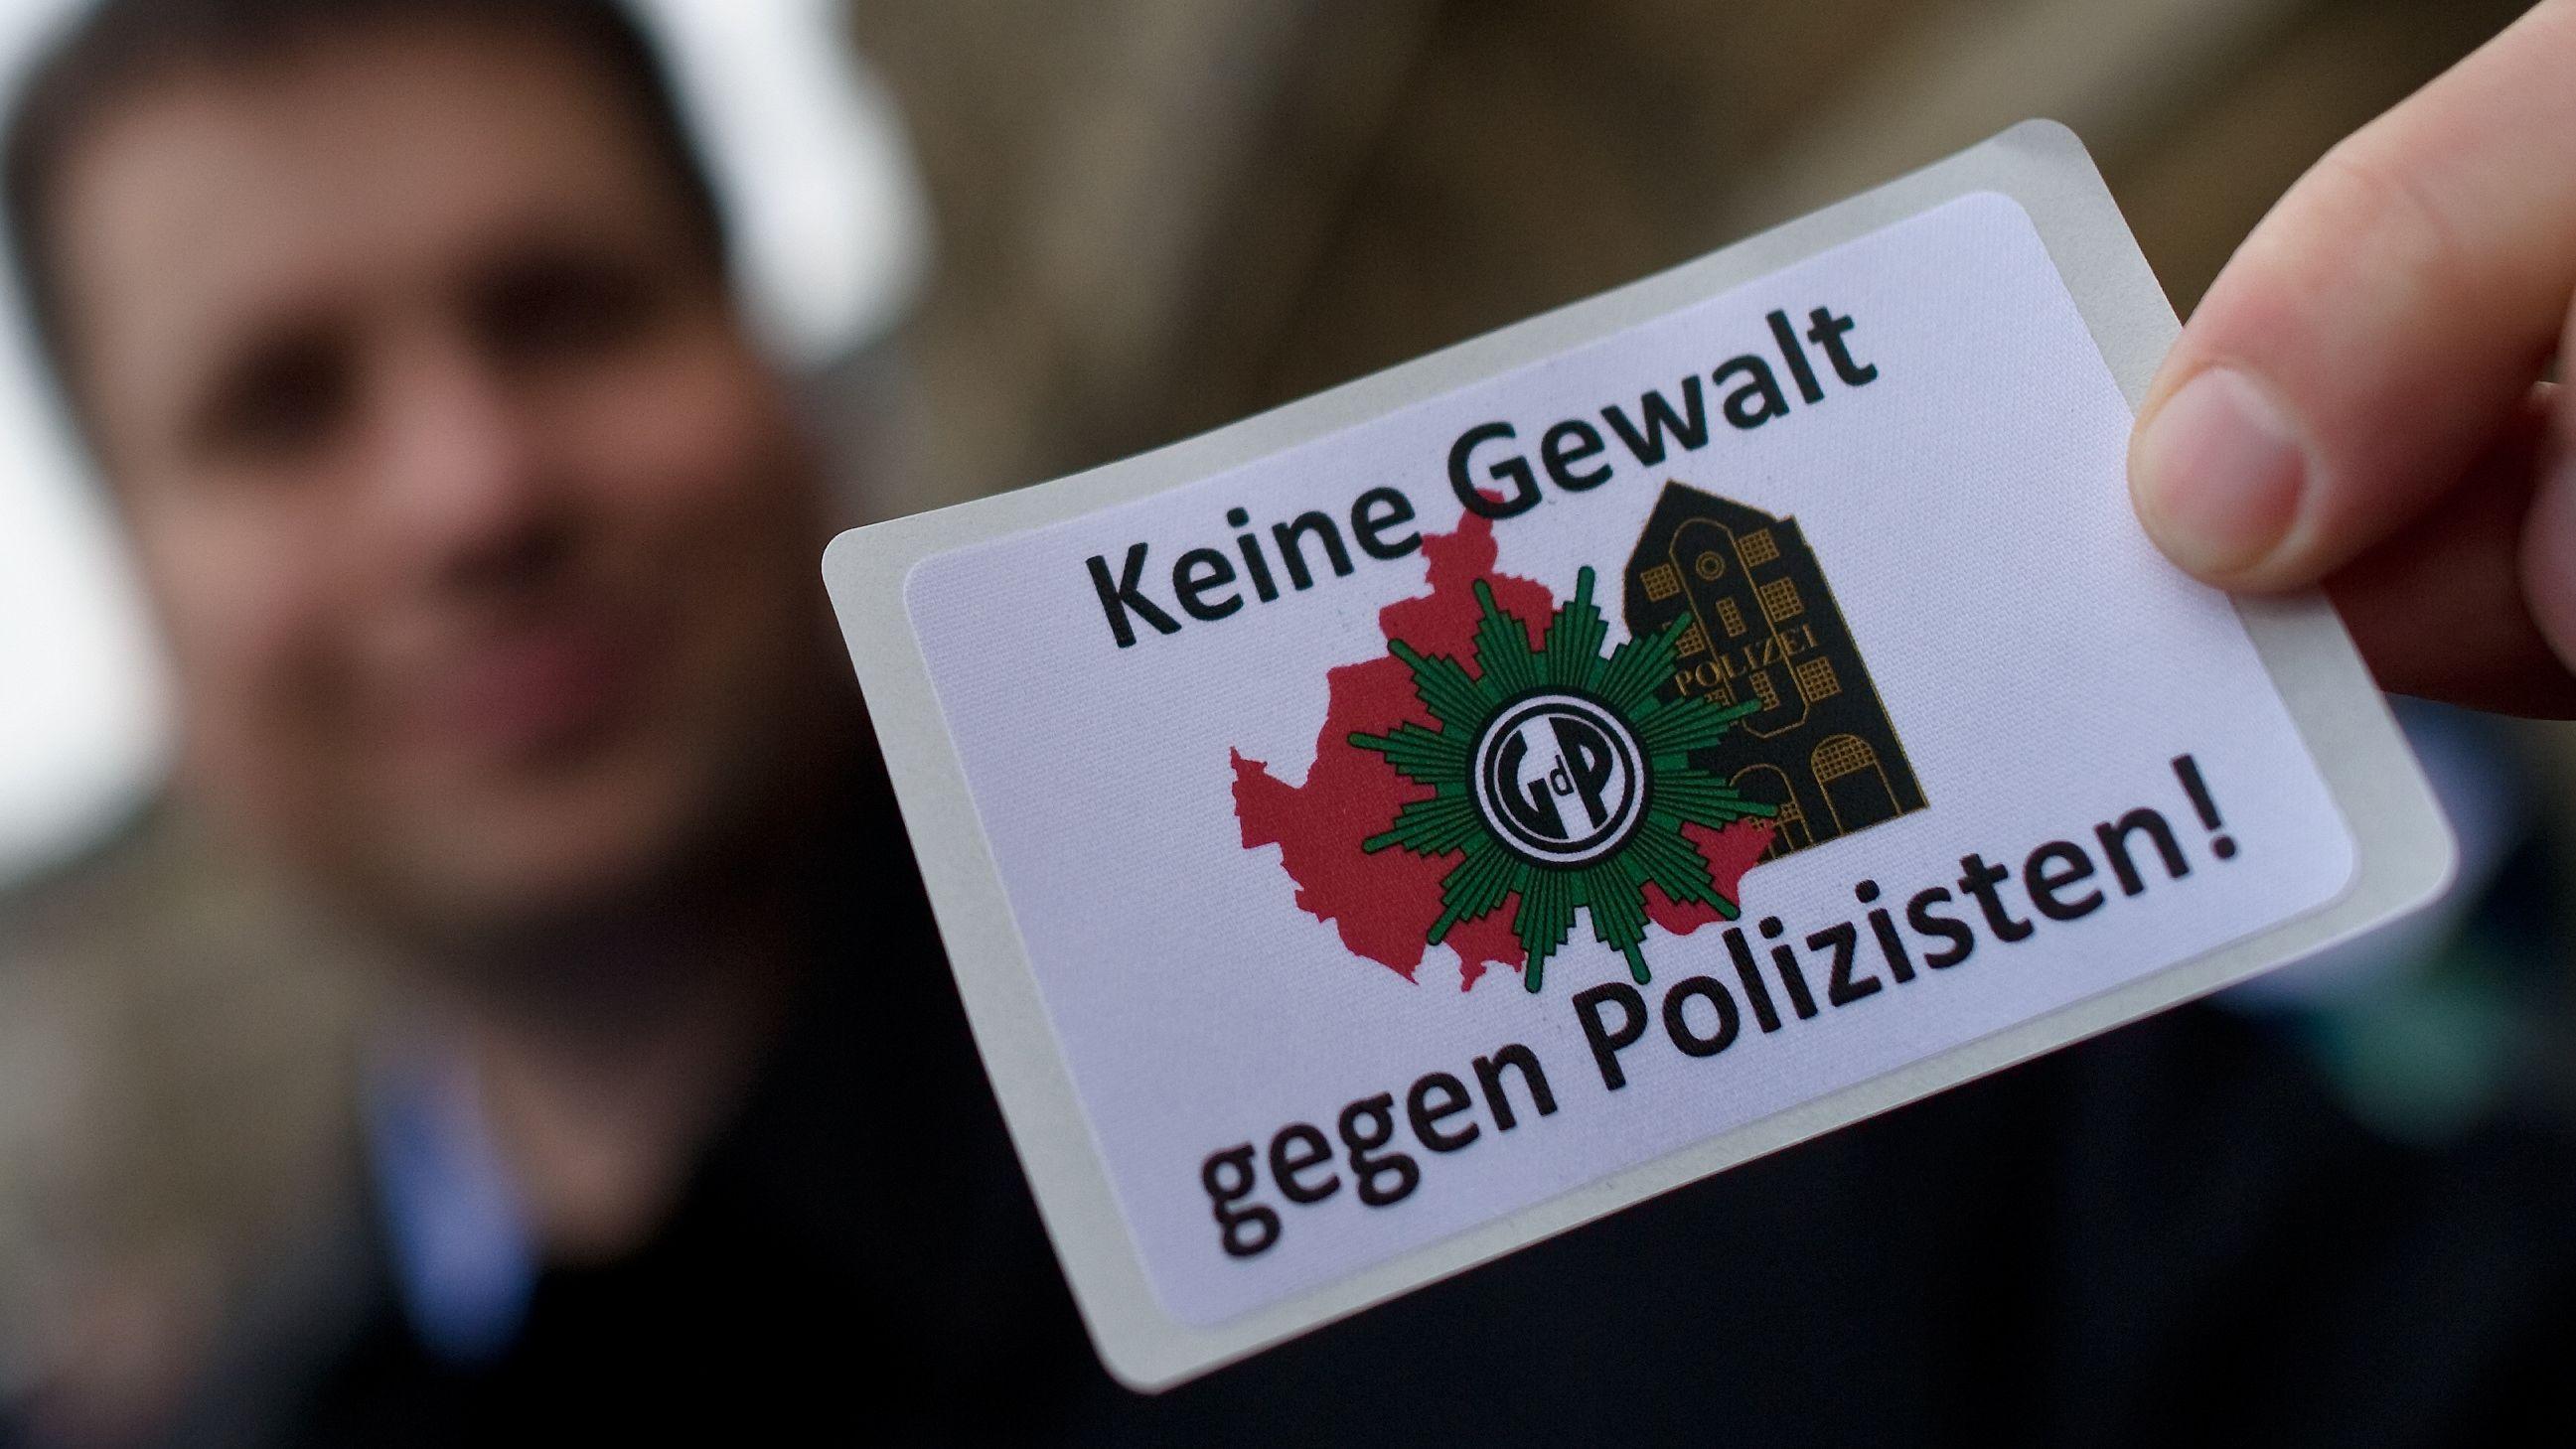 Aufkleber gegen Gewalt an Polizisten und Beamten